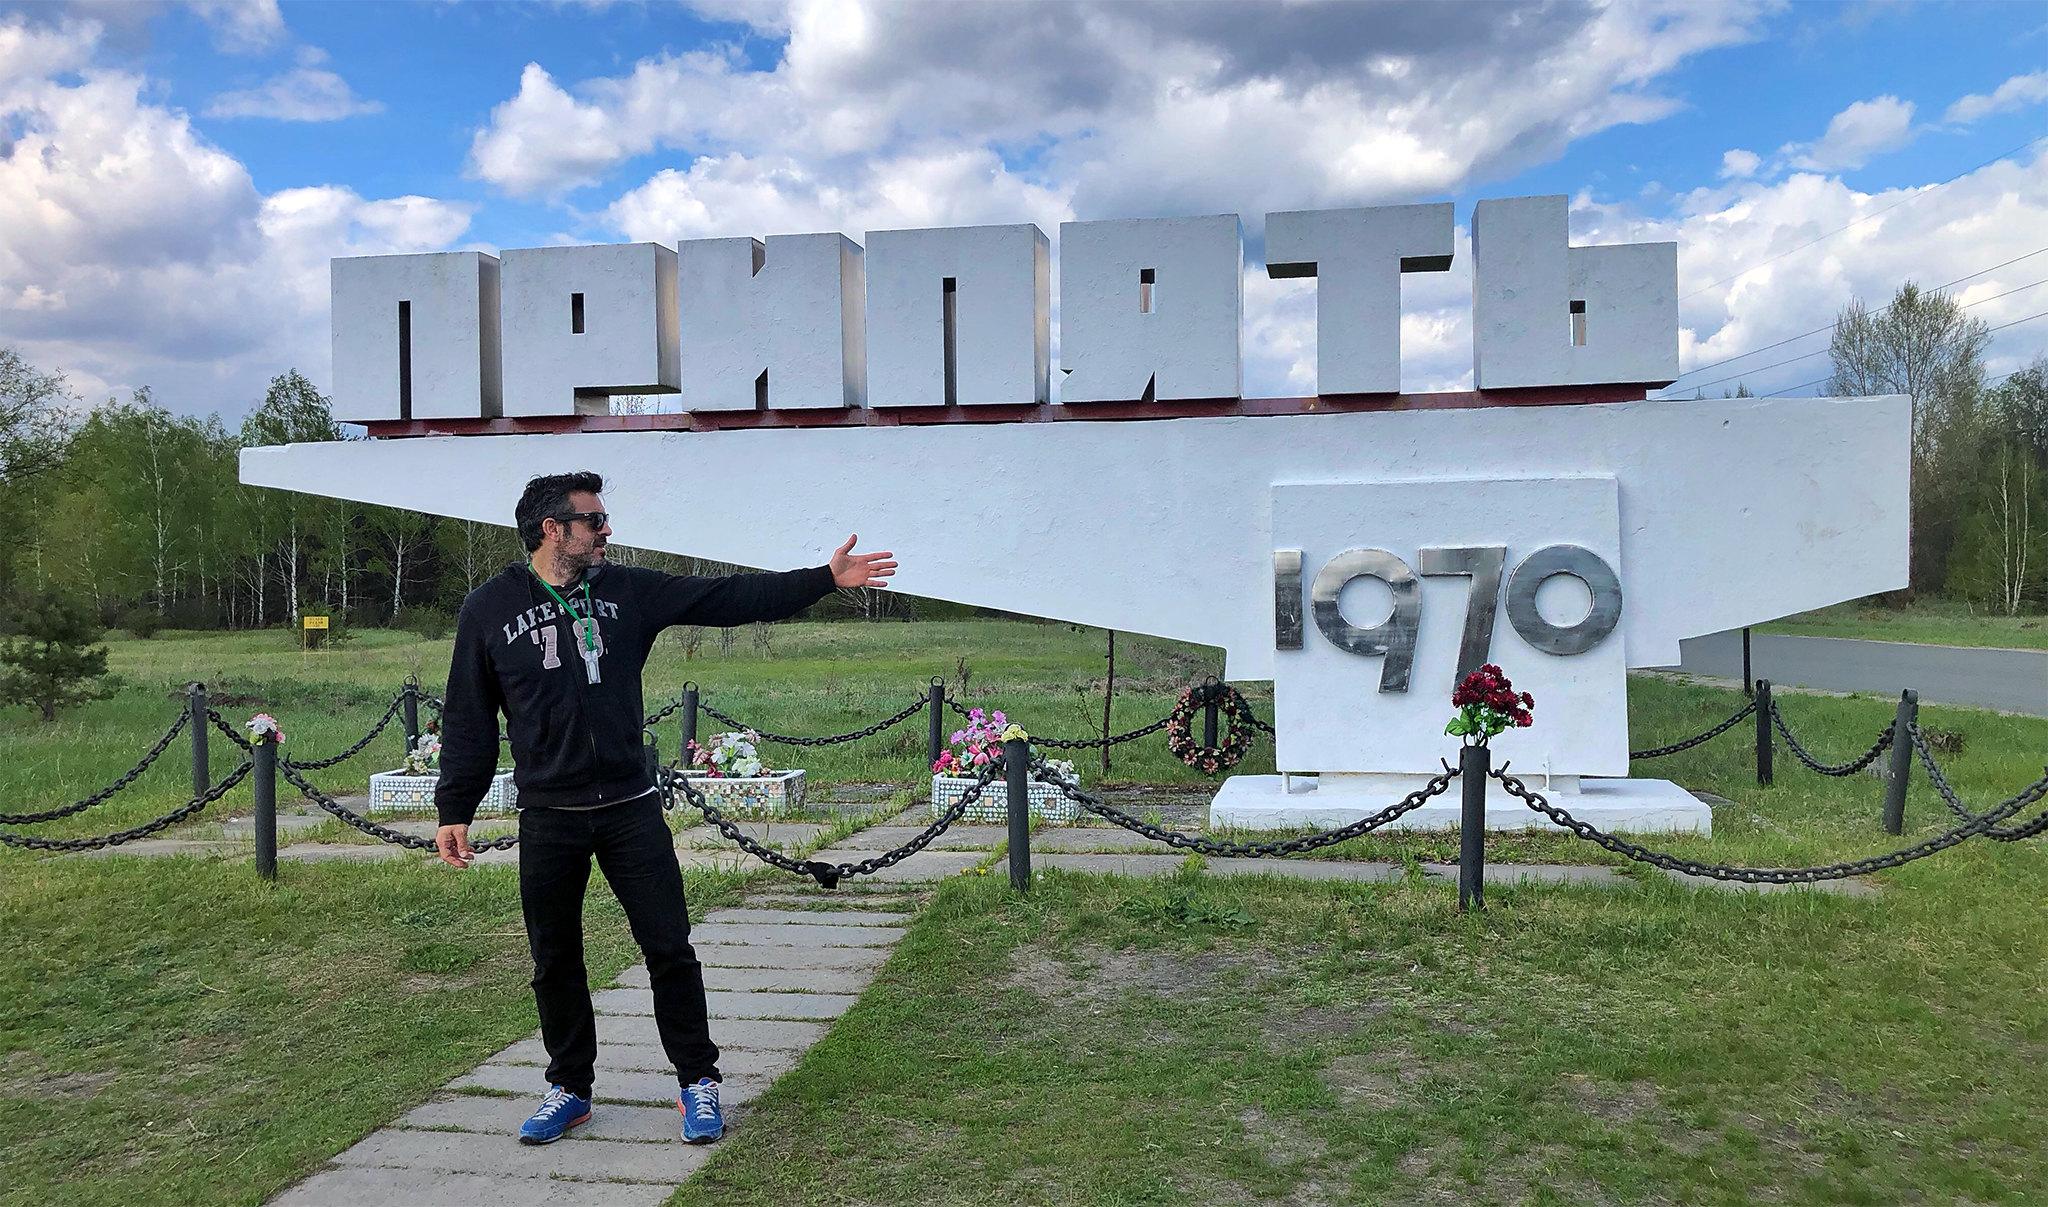 Visitar Chernóbil - Visitar Chernobyl Ucrania Ukraine Pripyat visitar chernóbil - 47045819834 2888650522 k - Visitar Chernóbil: el lugar más contaminado del planeta